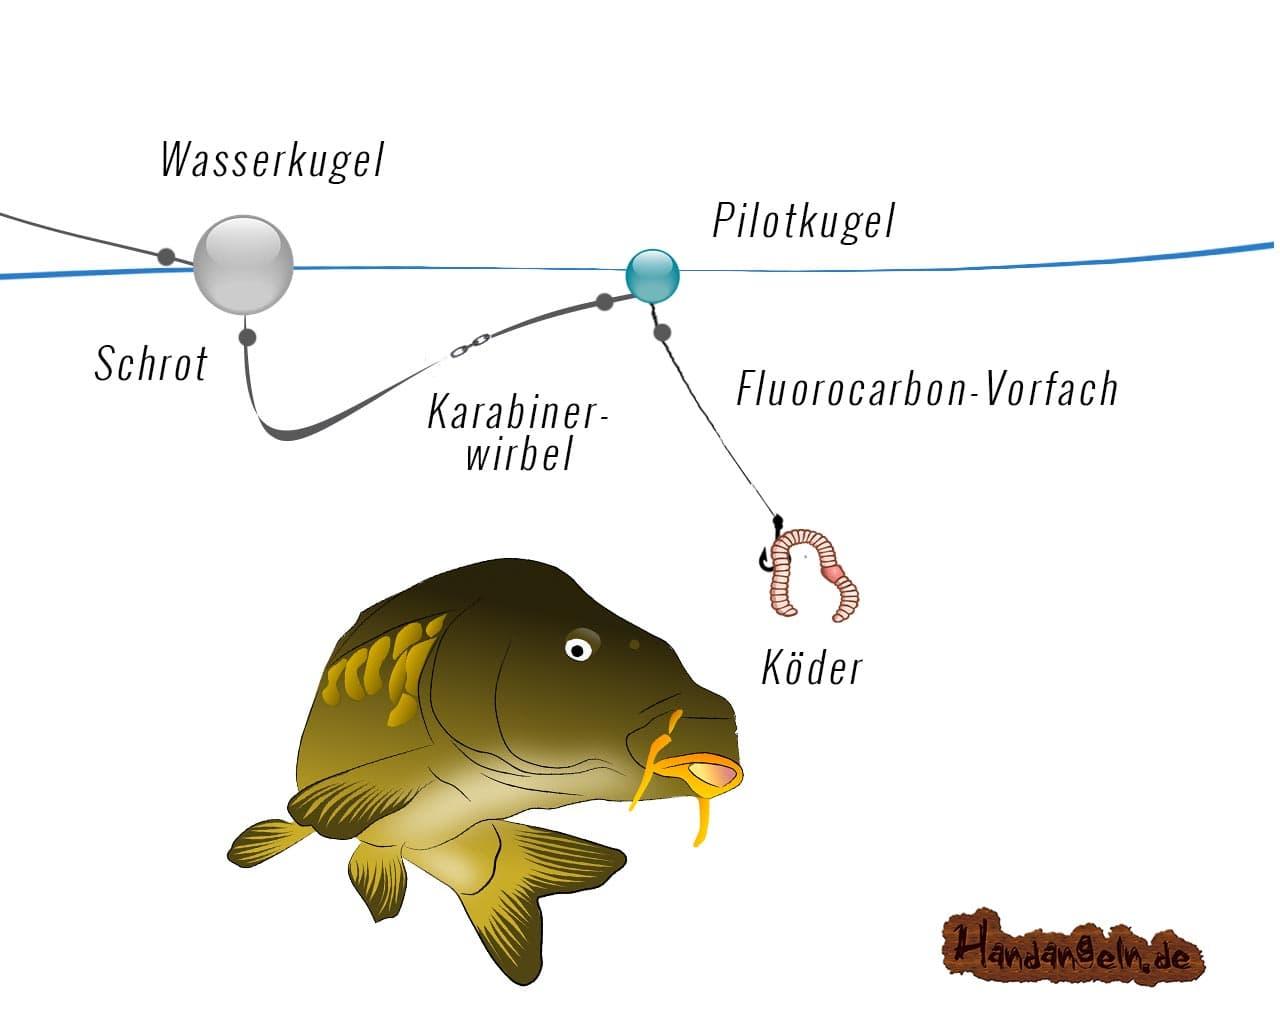 Illustration Wasserkugel Montage Karpfen mit Pilotkugel